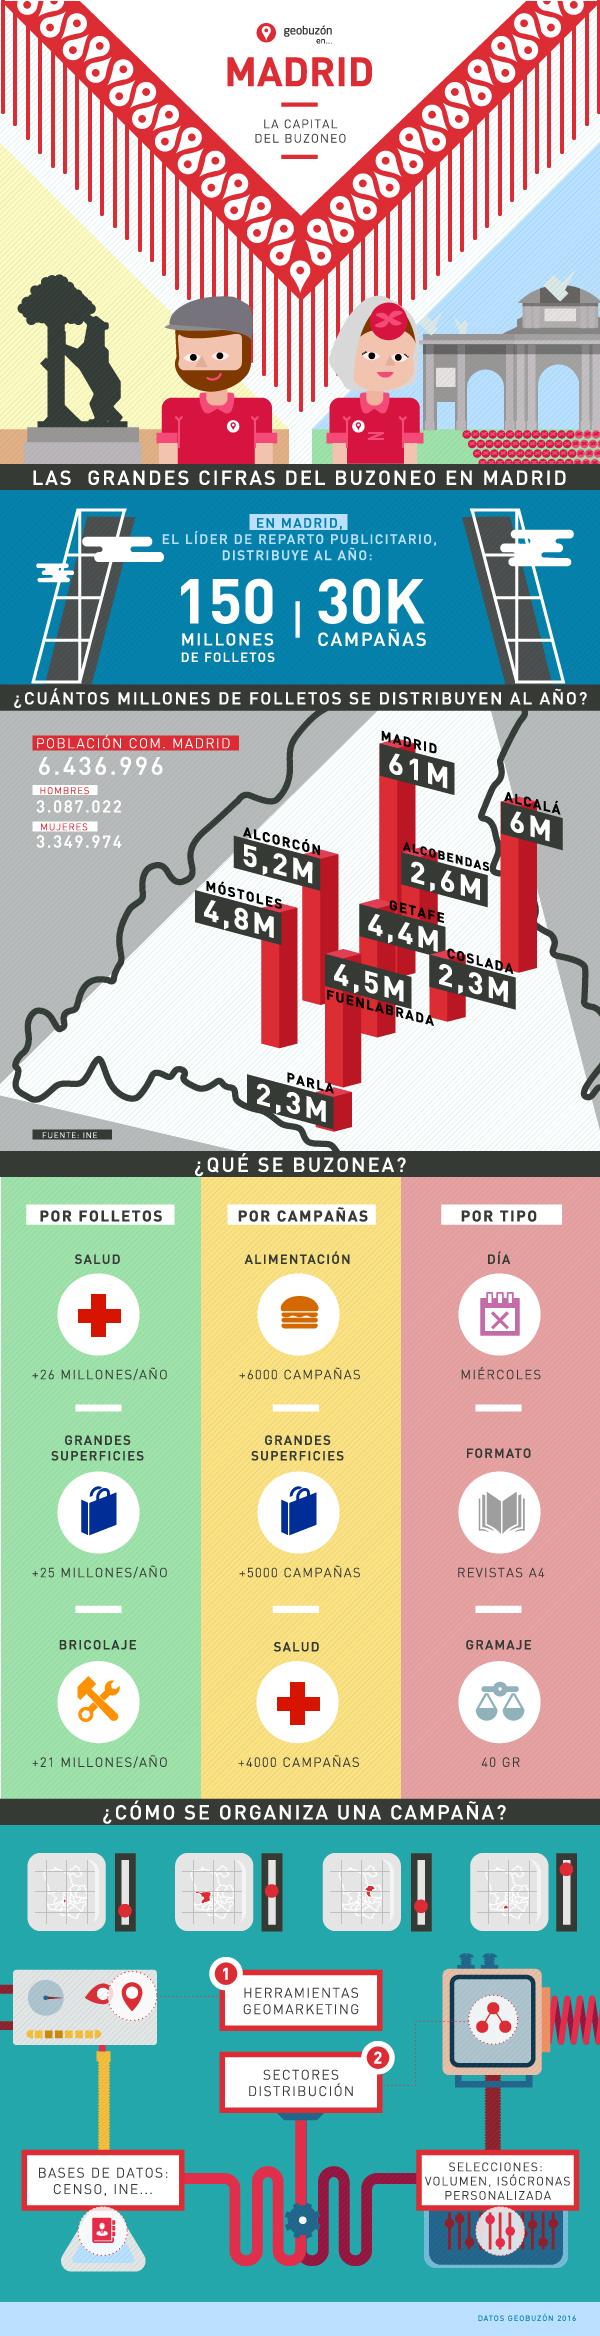 Madrid: la capital del buzones